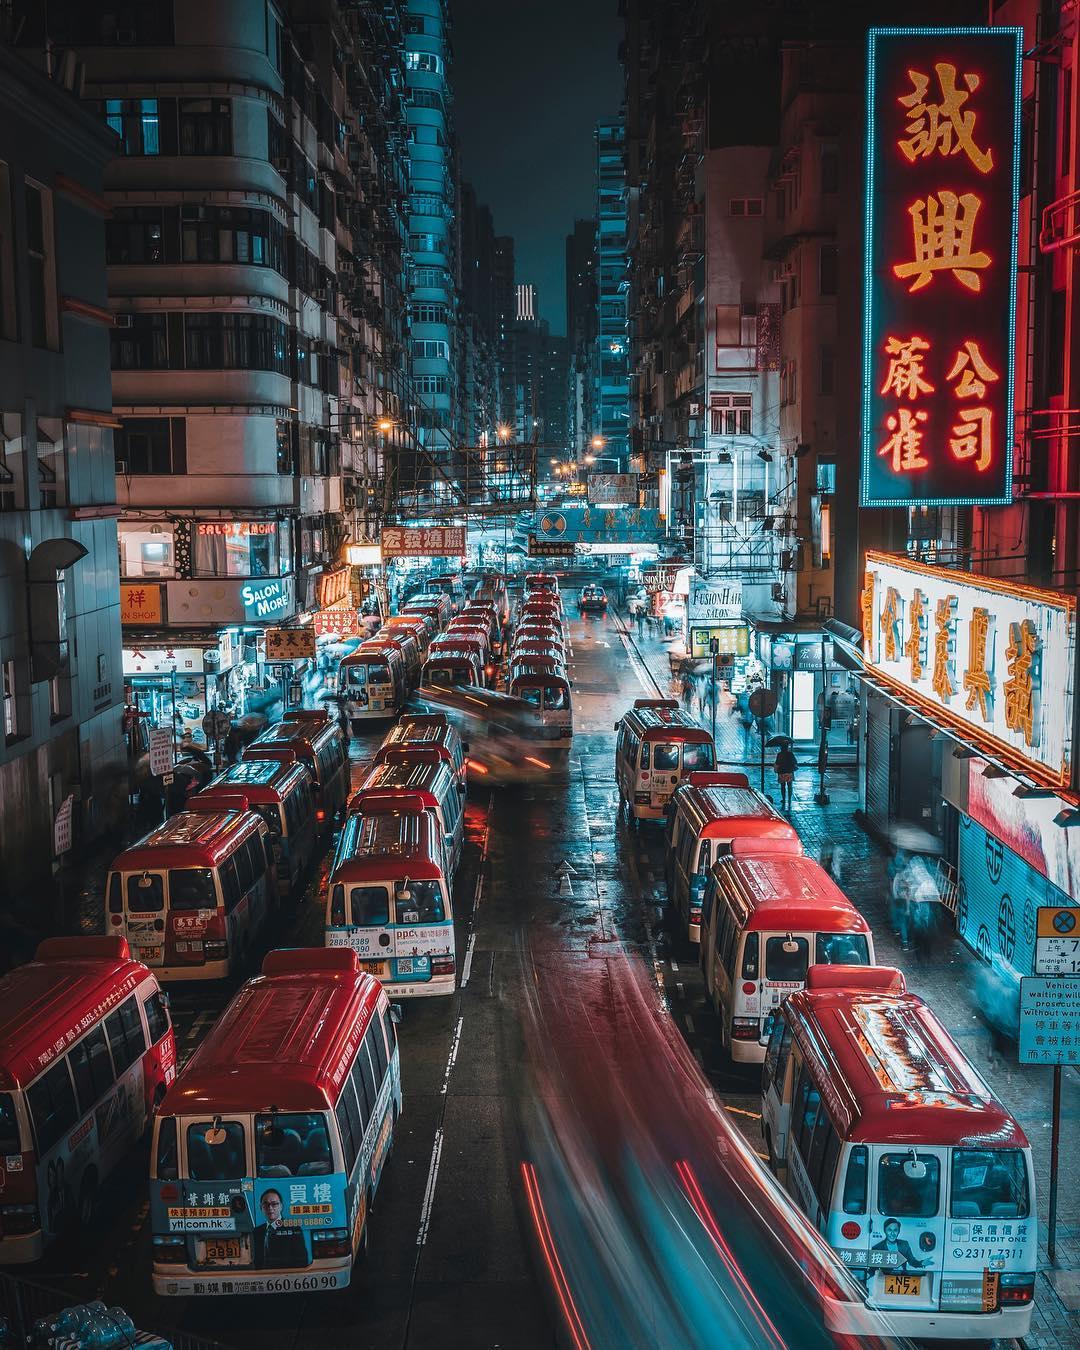 Волшебные ночные снимки японских улиц от Джуна Ямамото